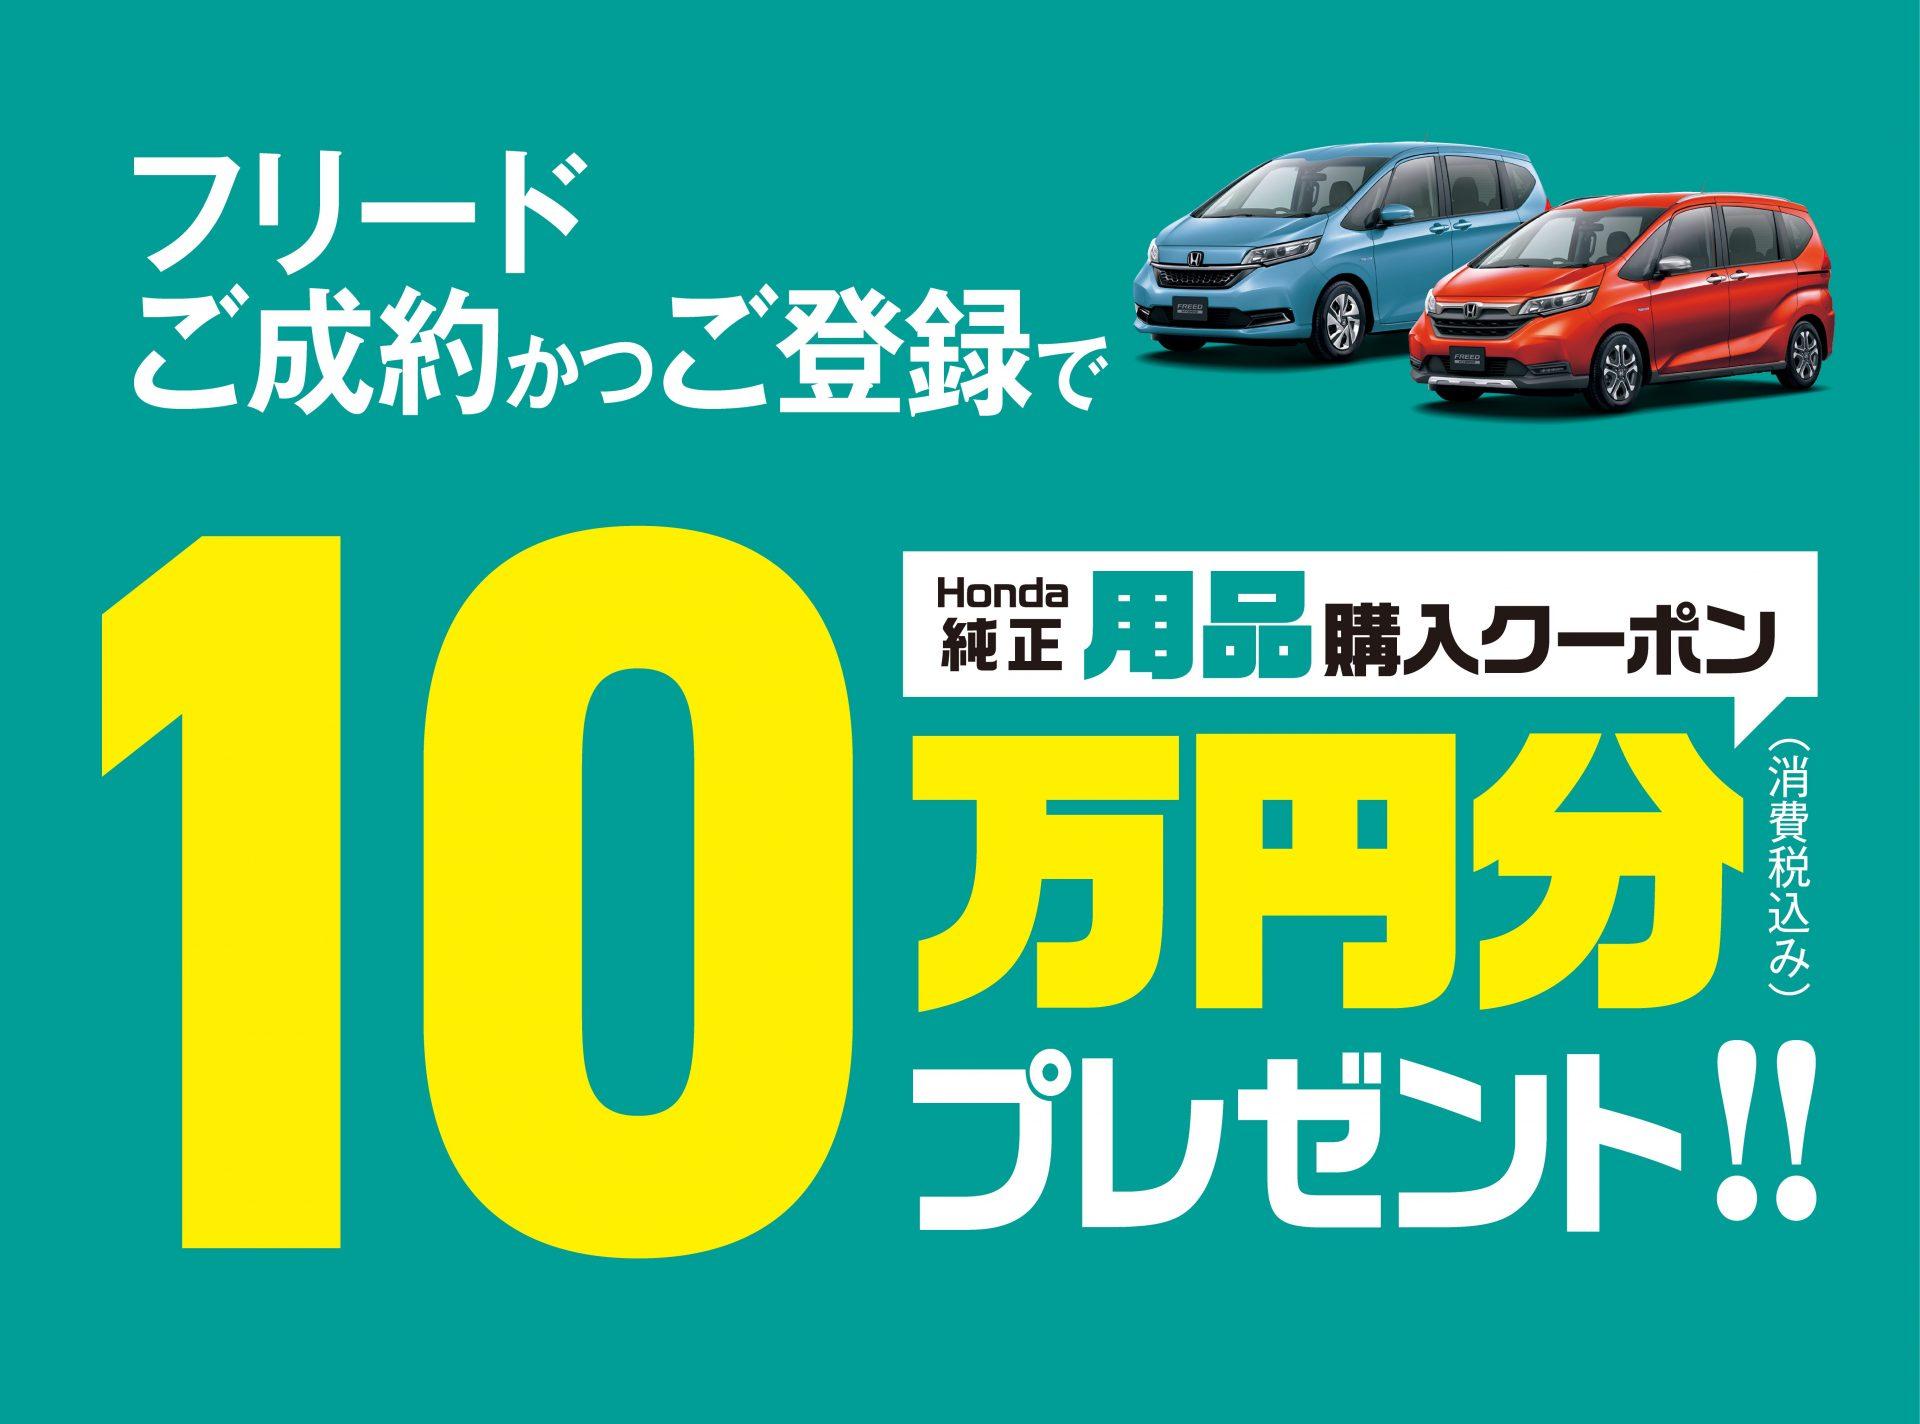 フリード  オプション購入クーポン 10万円分キャンペーン